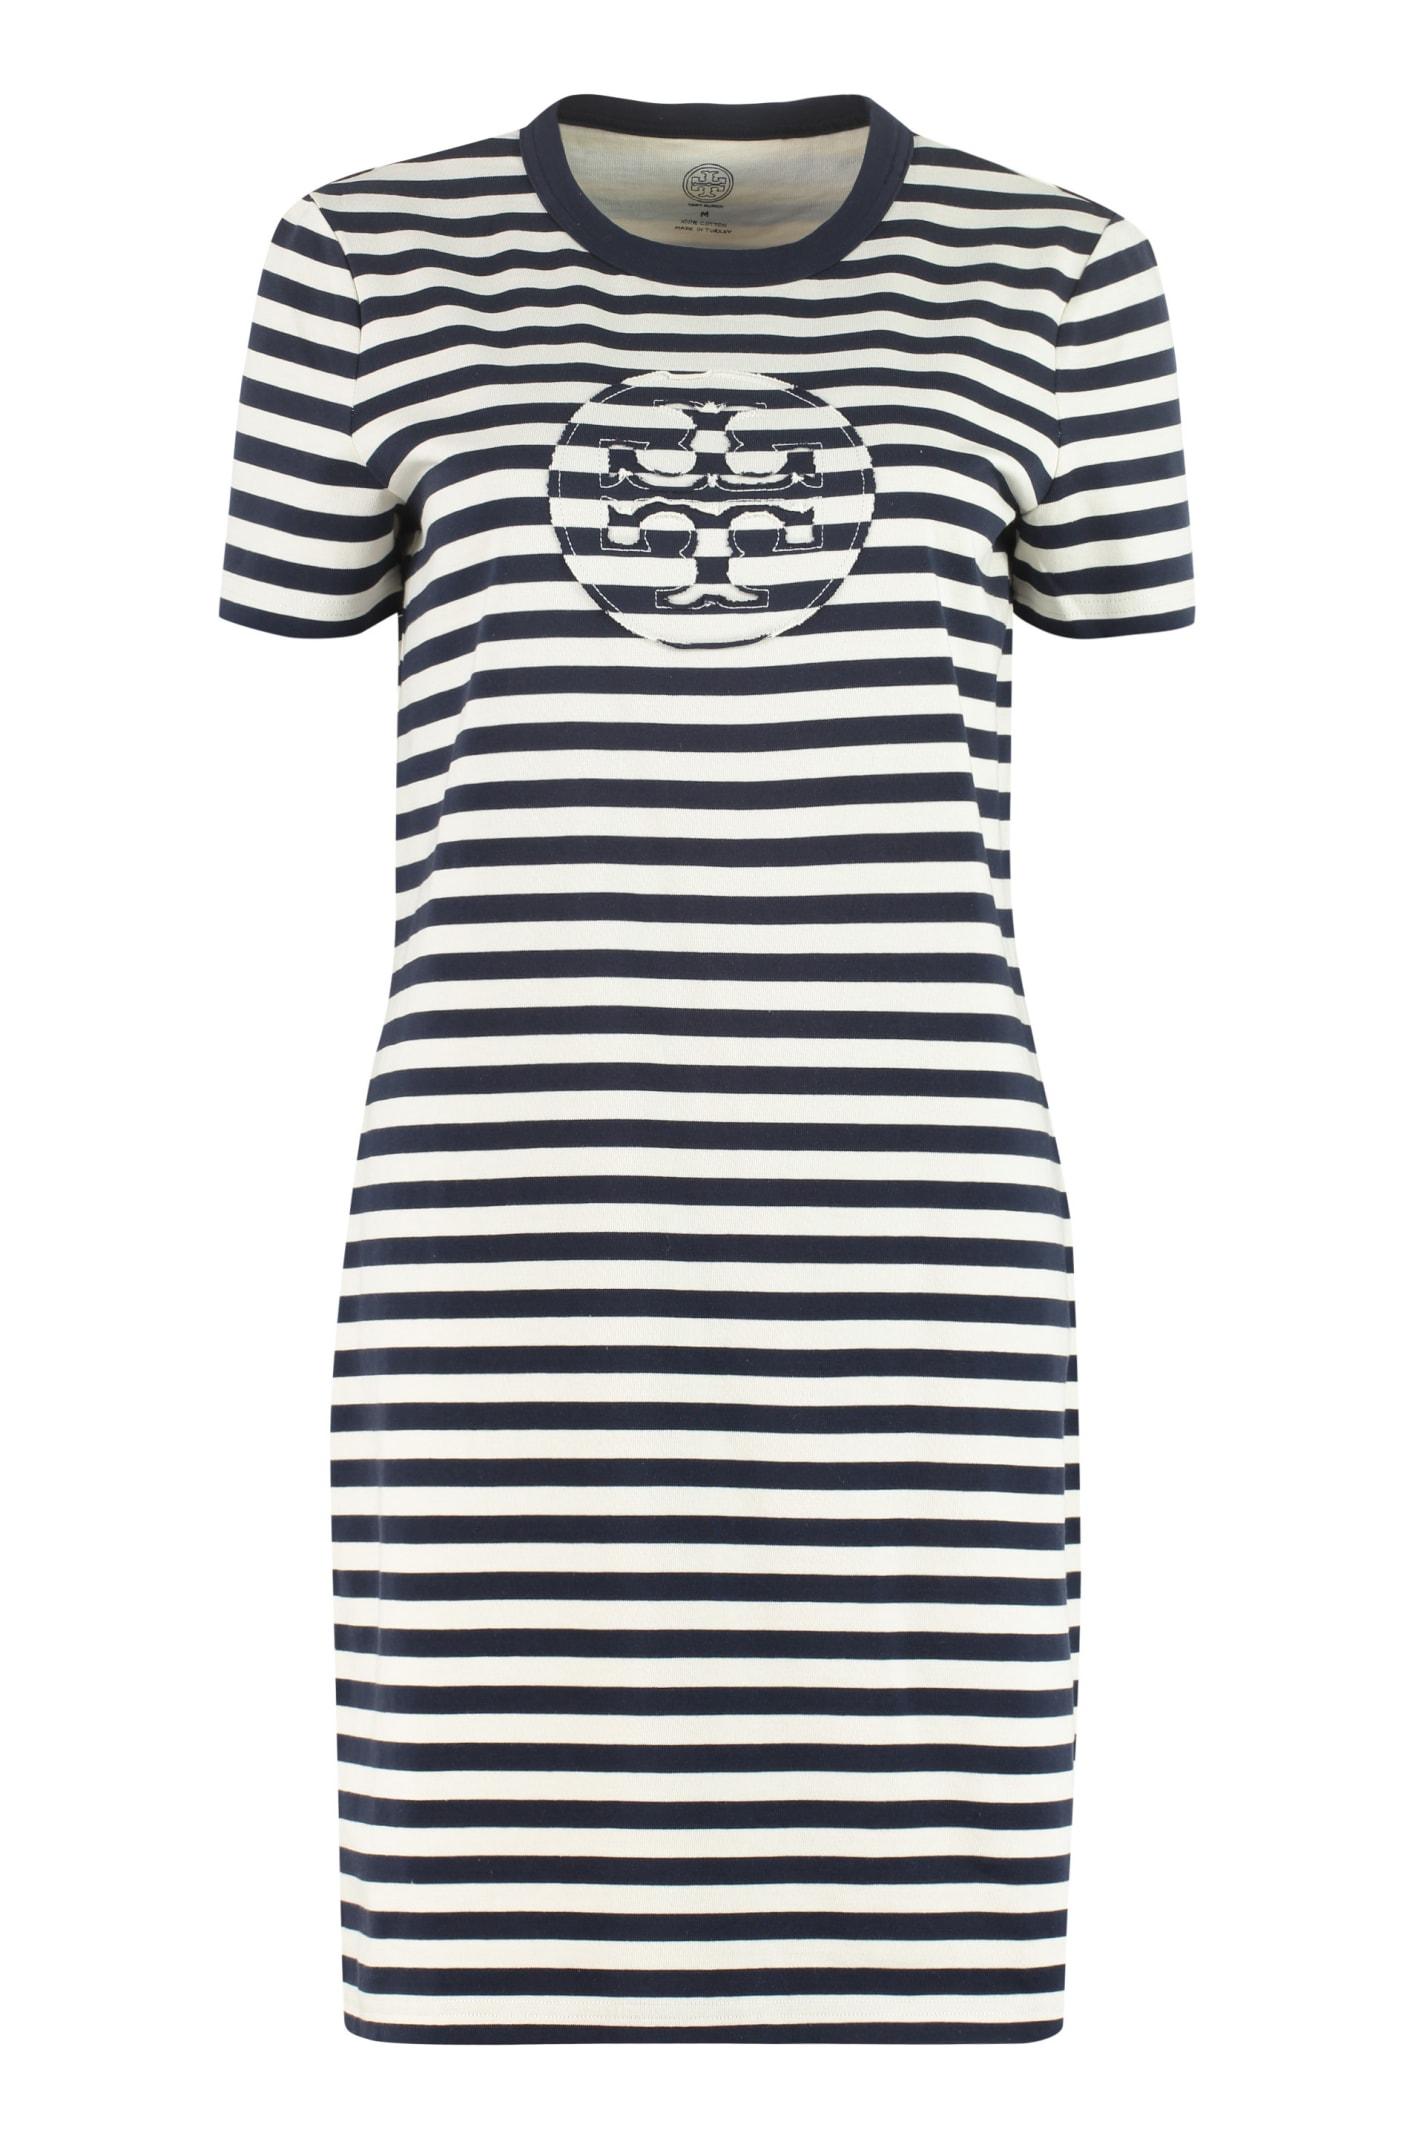 Buy Tory Burch Cotton T-shirt Dress online, shop Tory Burch with free shipping